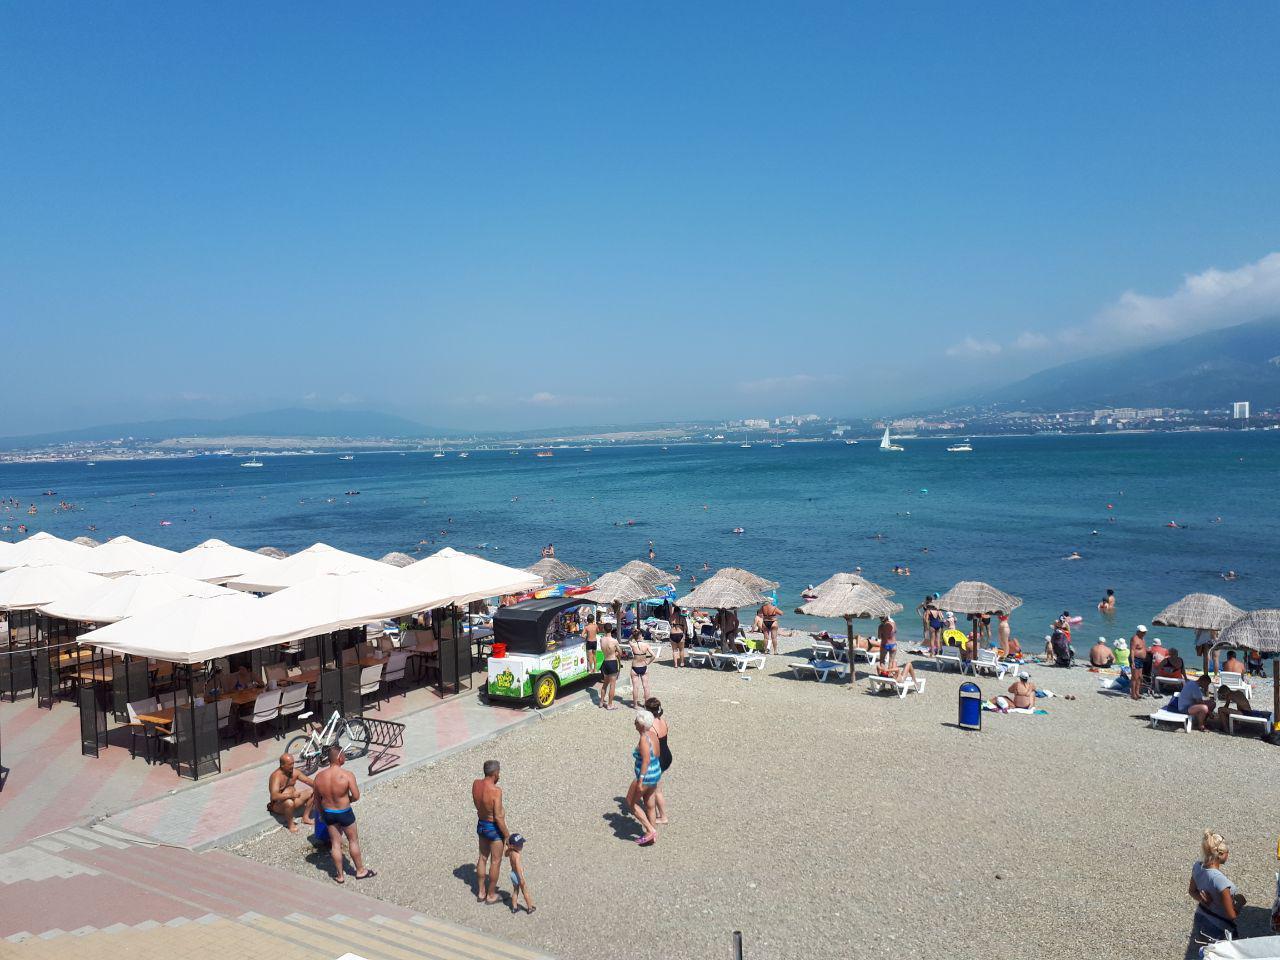 творческой геленджик пляж сады морей фото некоторых